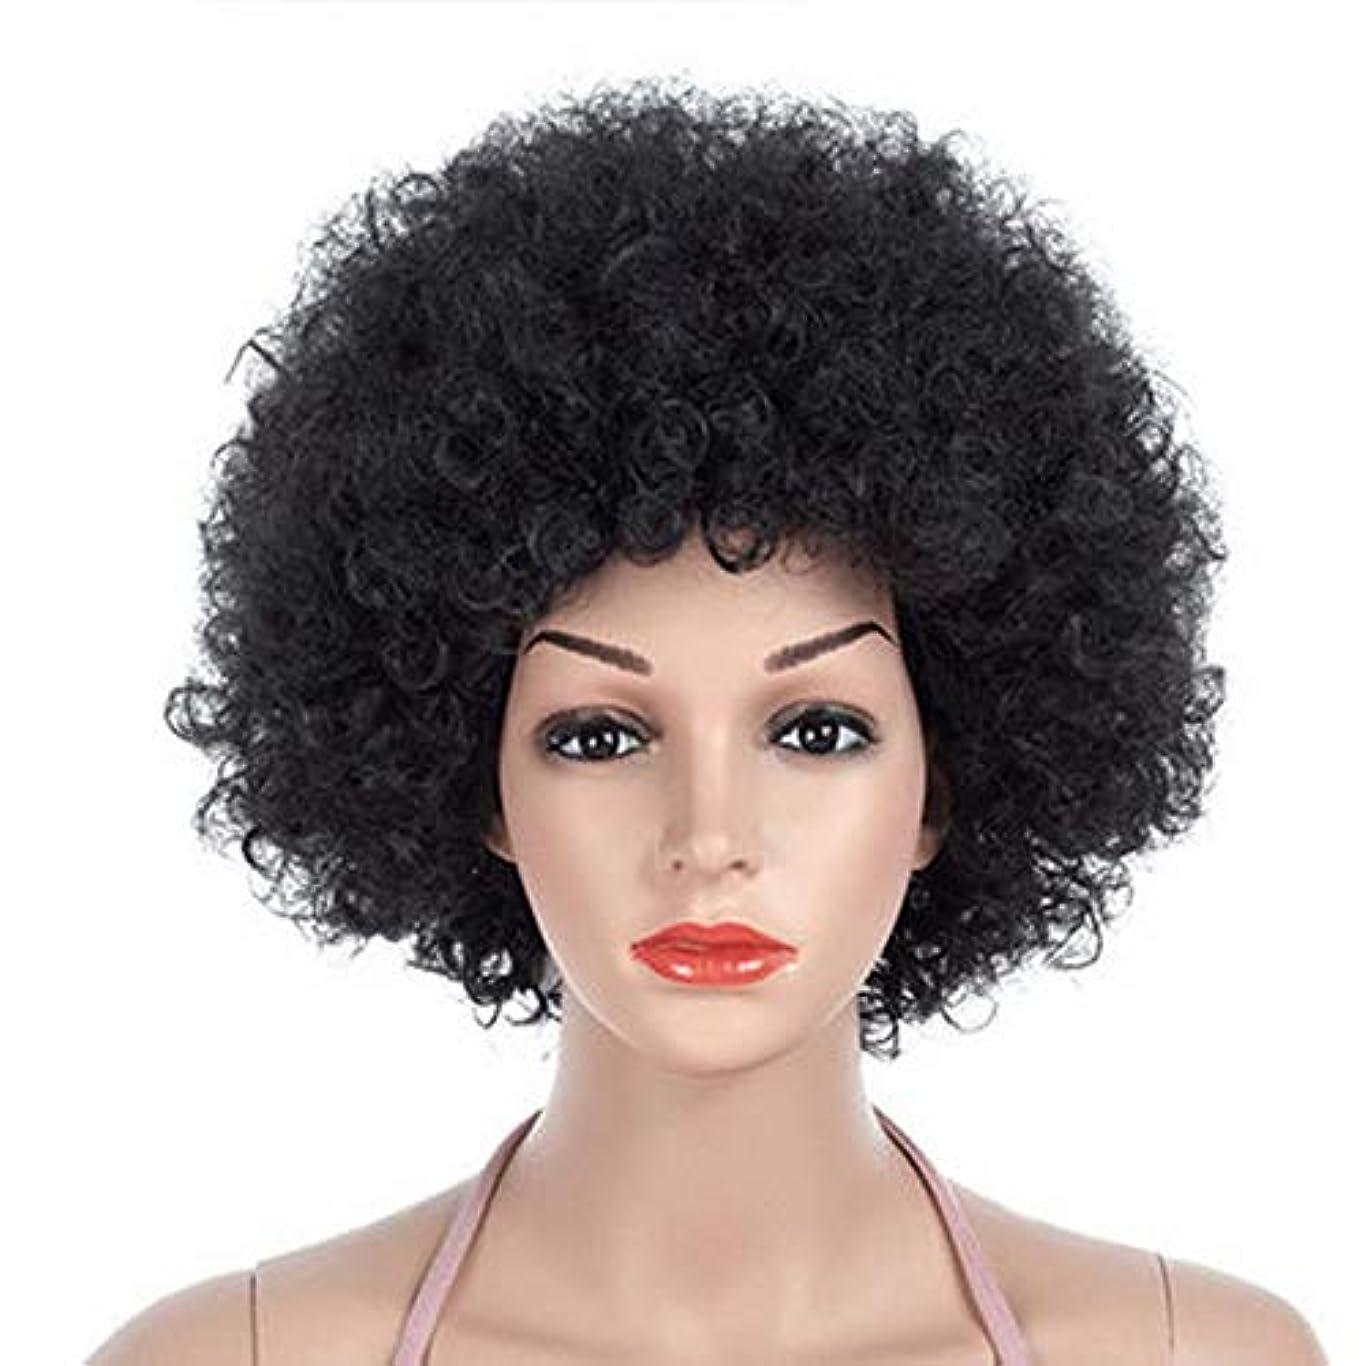 ユニセックスメンズウィメンズショートふわふわアフロかつら髪、高密度温度合成かつらコスプレヘアウィッグ、耐熱ファイバーヘアウィッグ、ブラックウィッグ11インチ